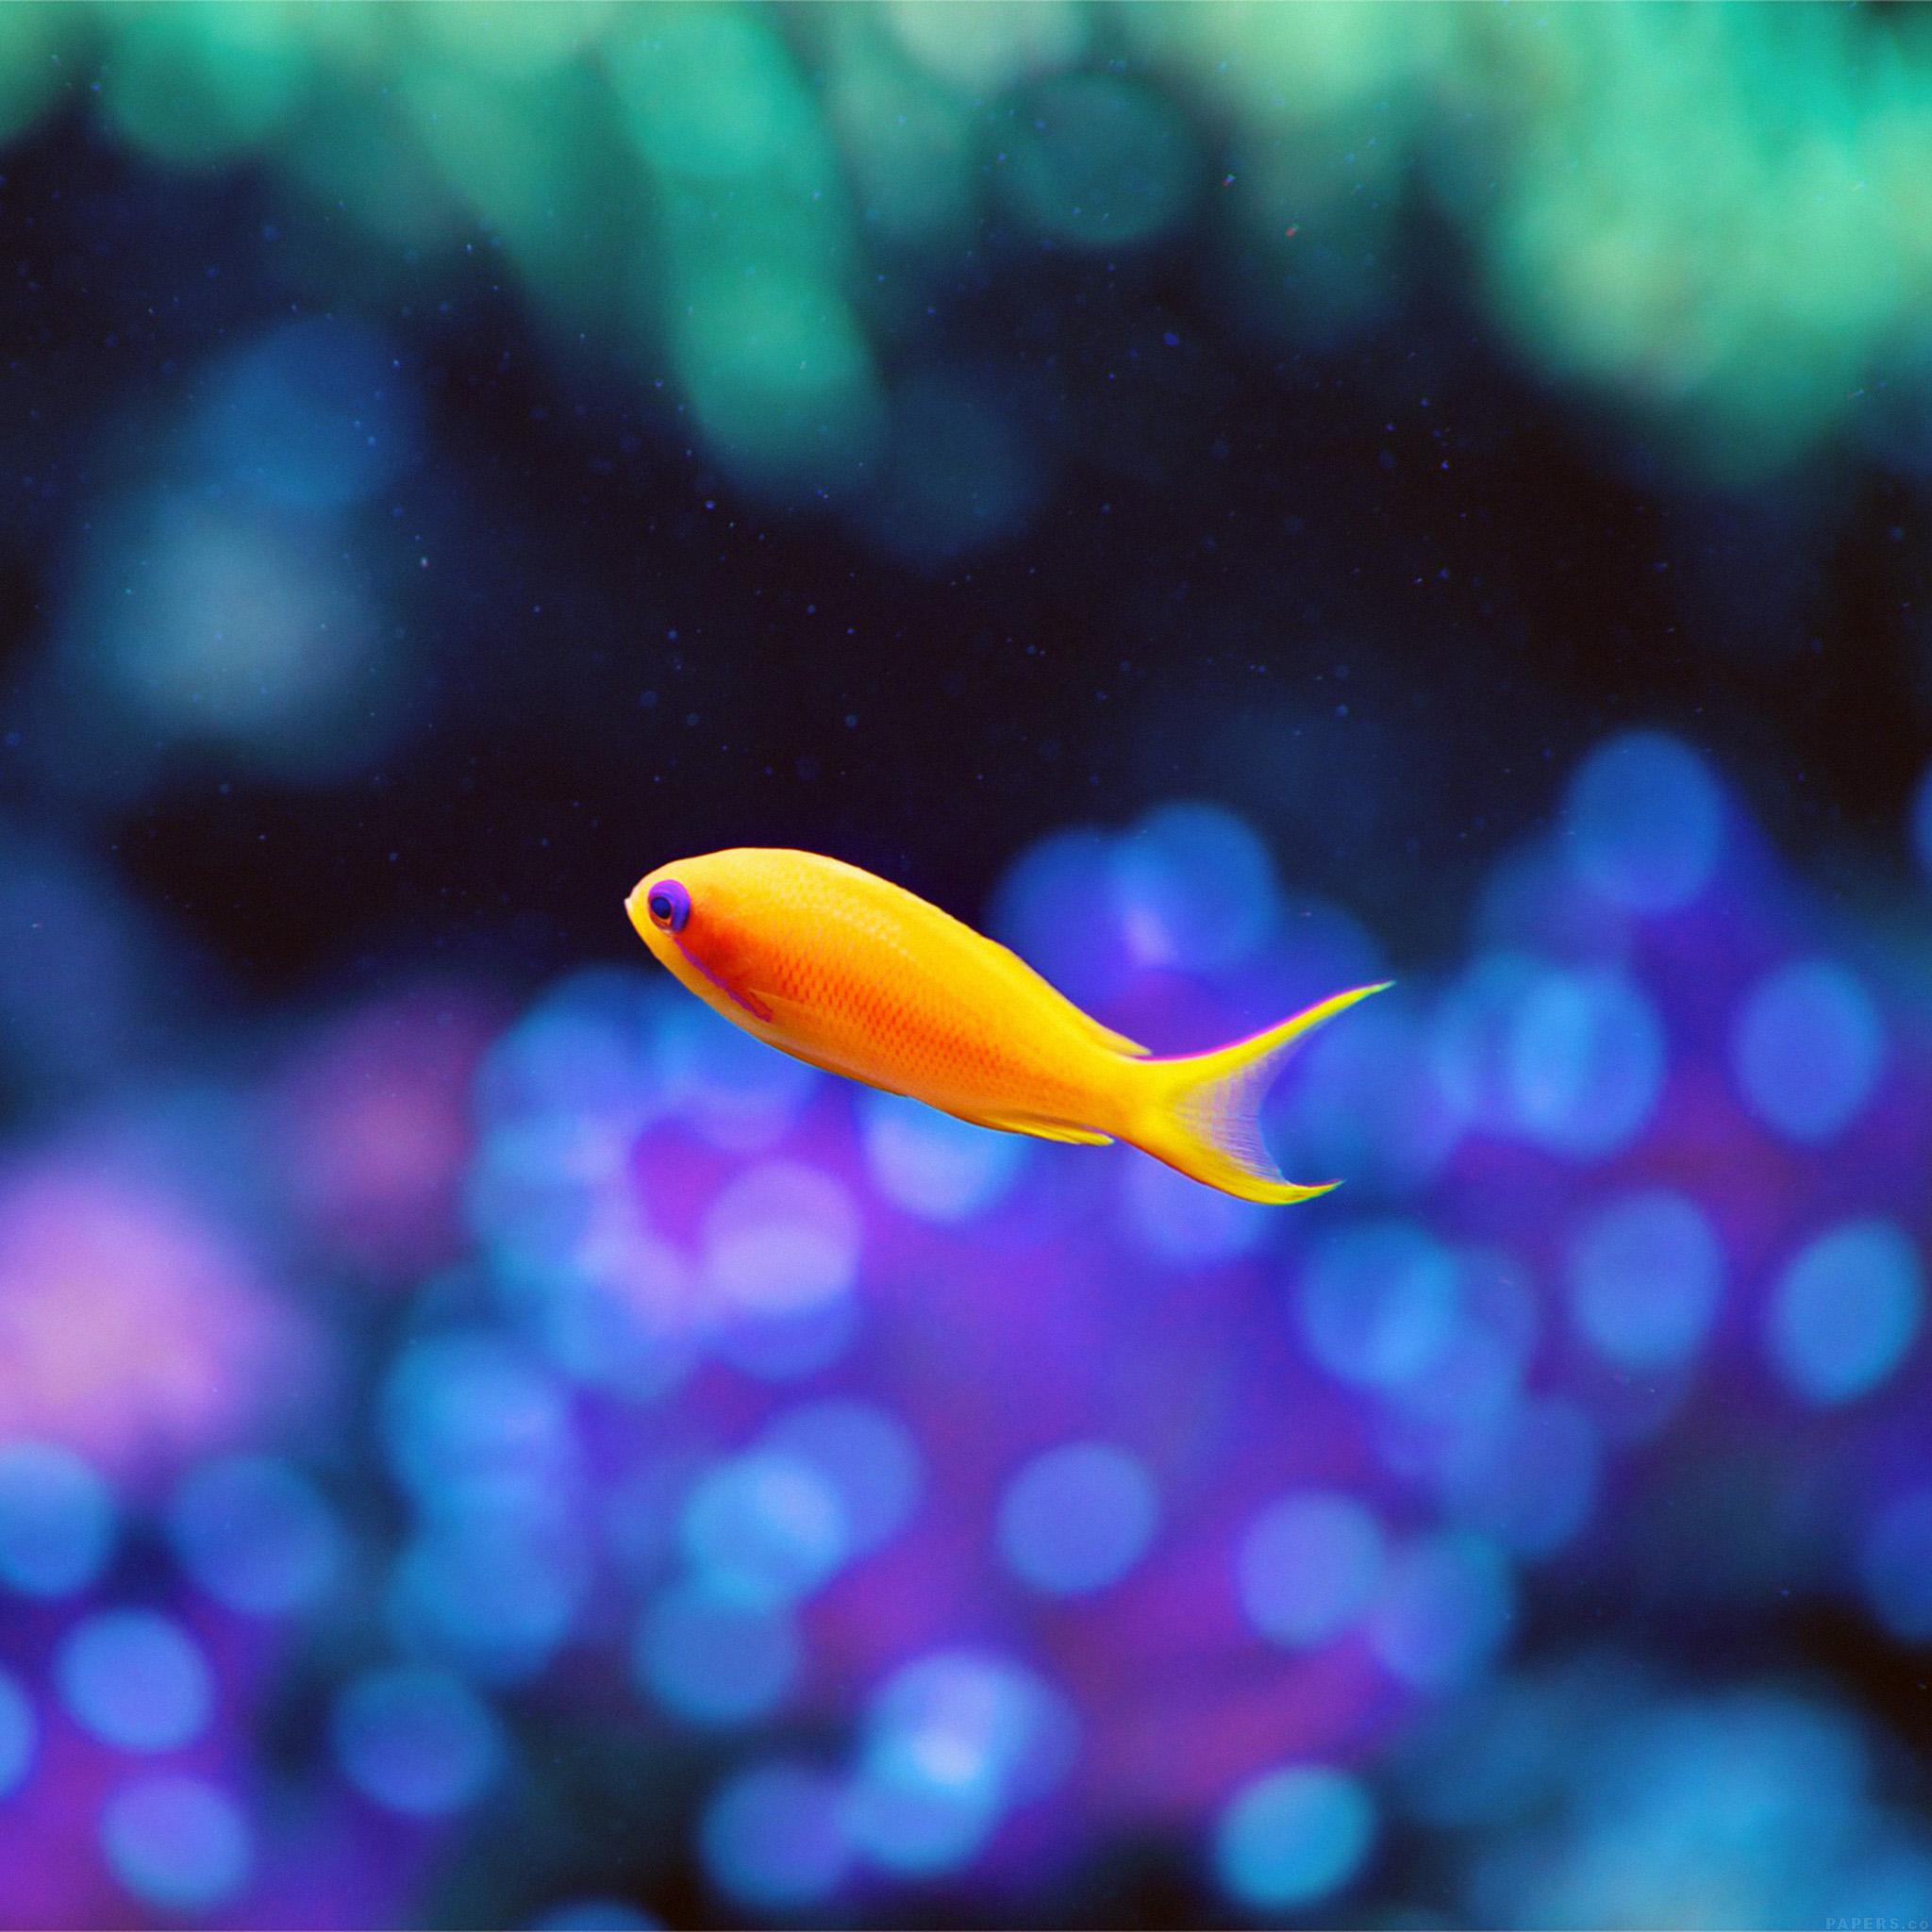 mj49-cute-fish-nemo-ocean-sea-animal-nature-wallpaper